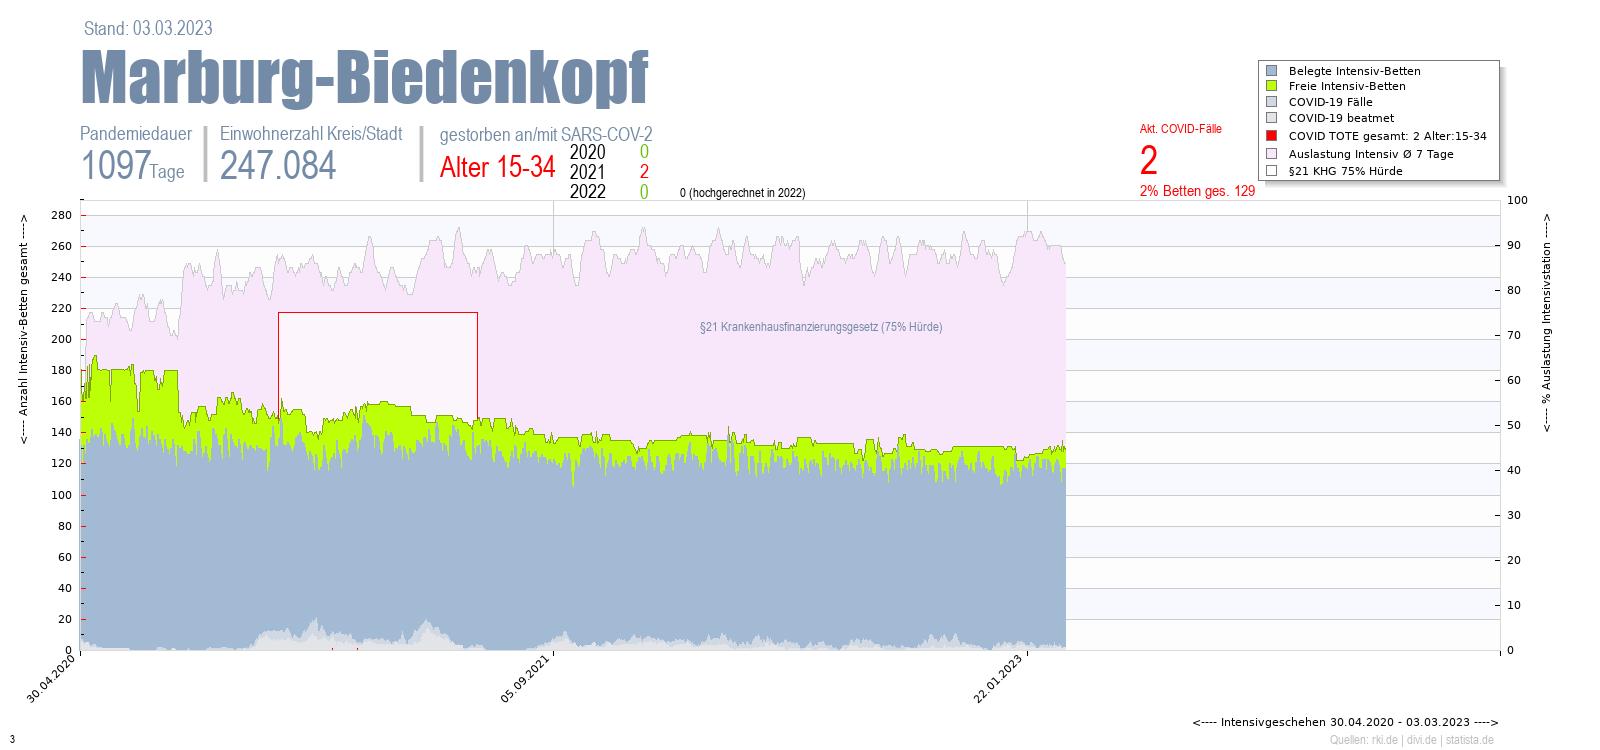 Intensivstation Auslastung Marburg-Biedenkopf Alter 0-4